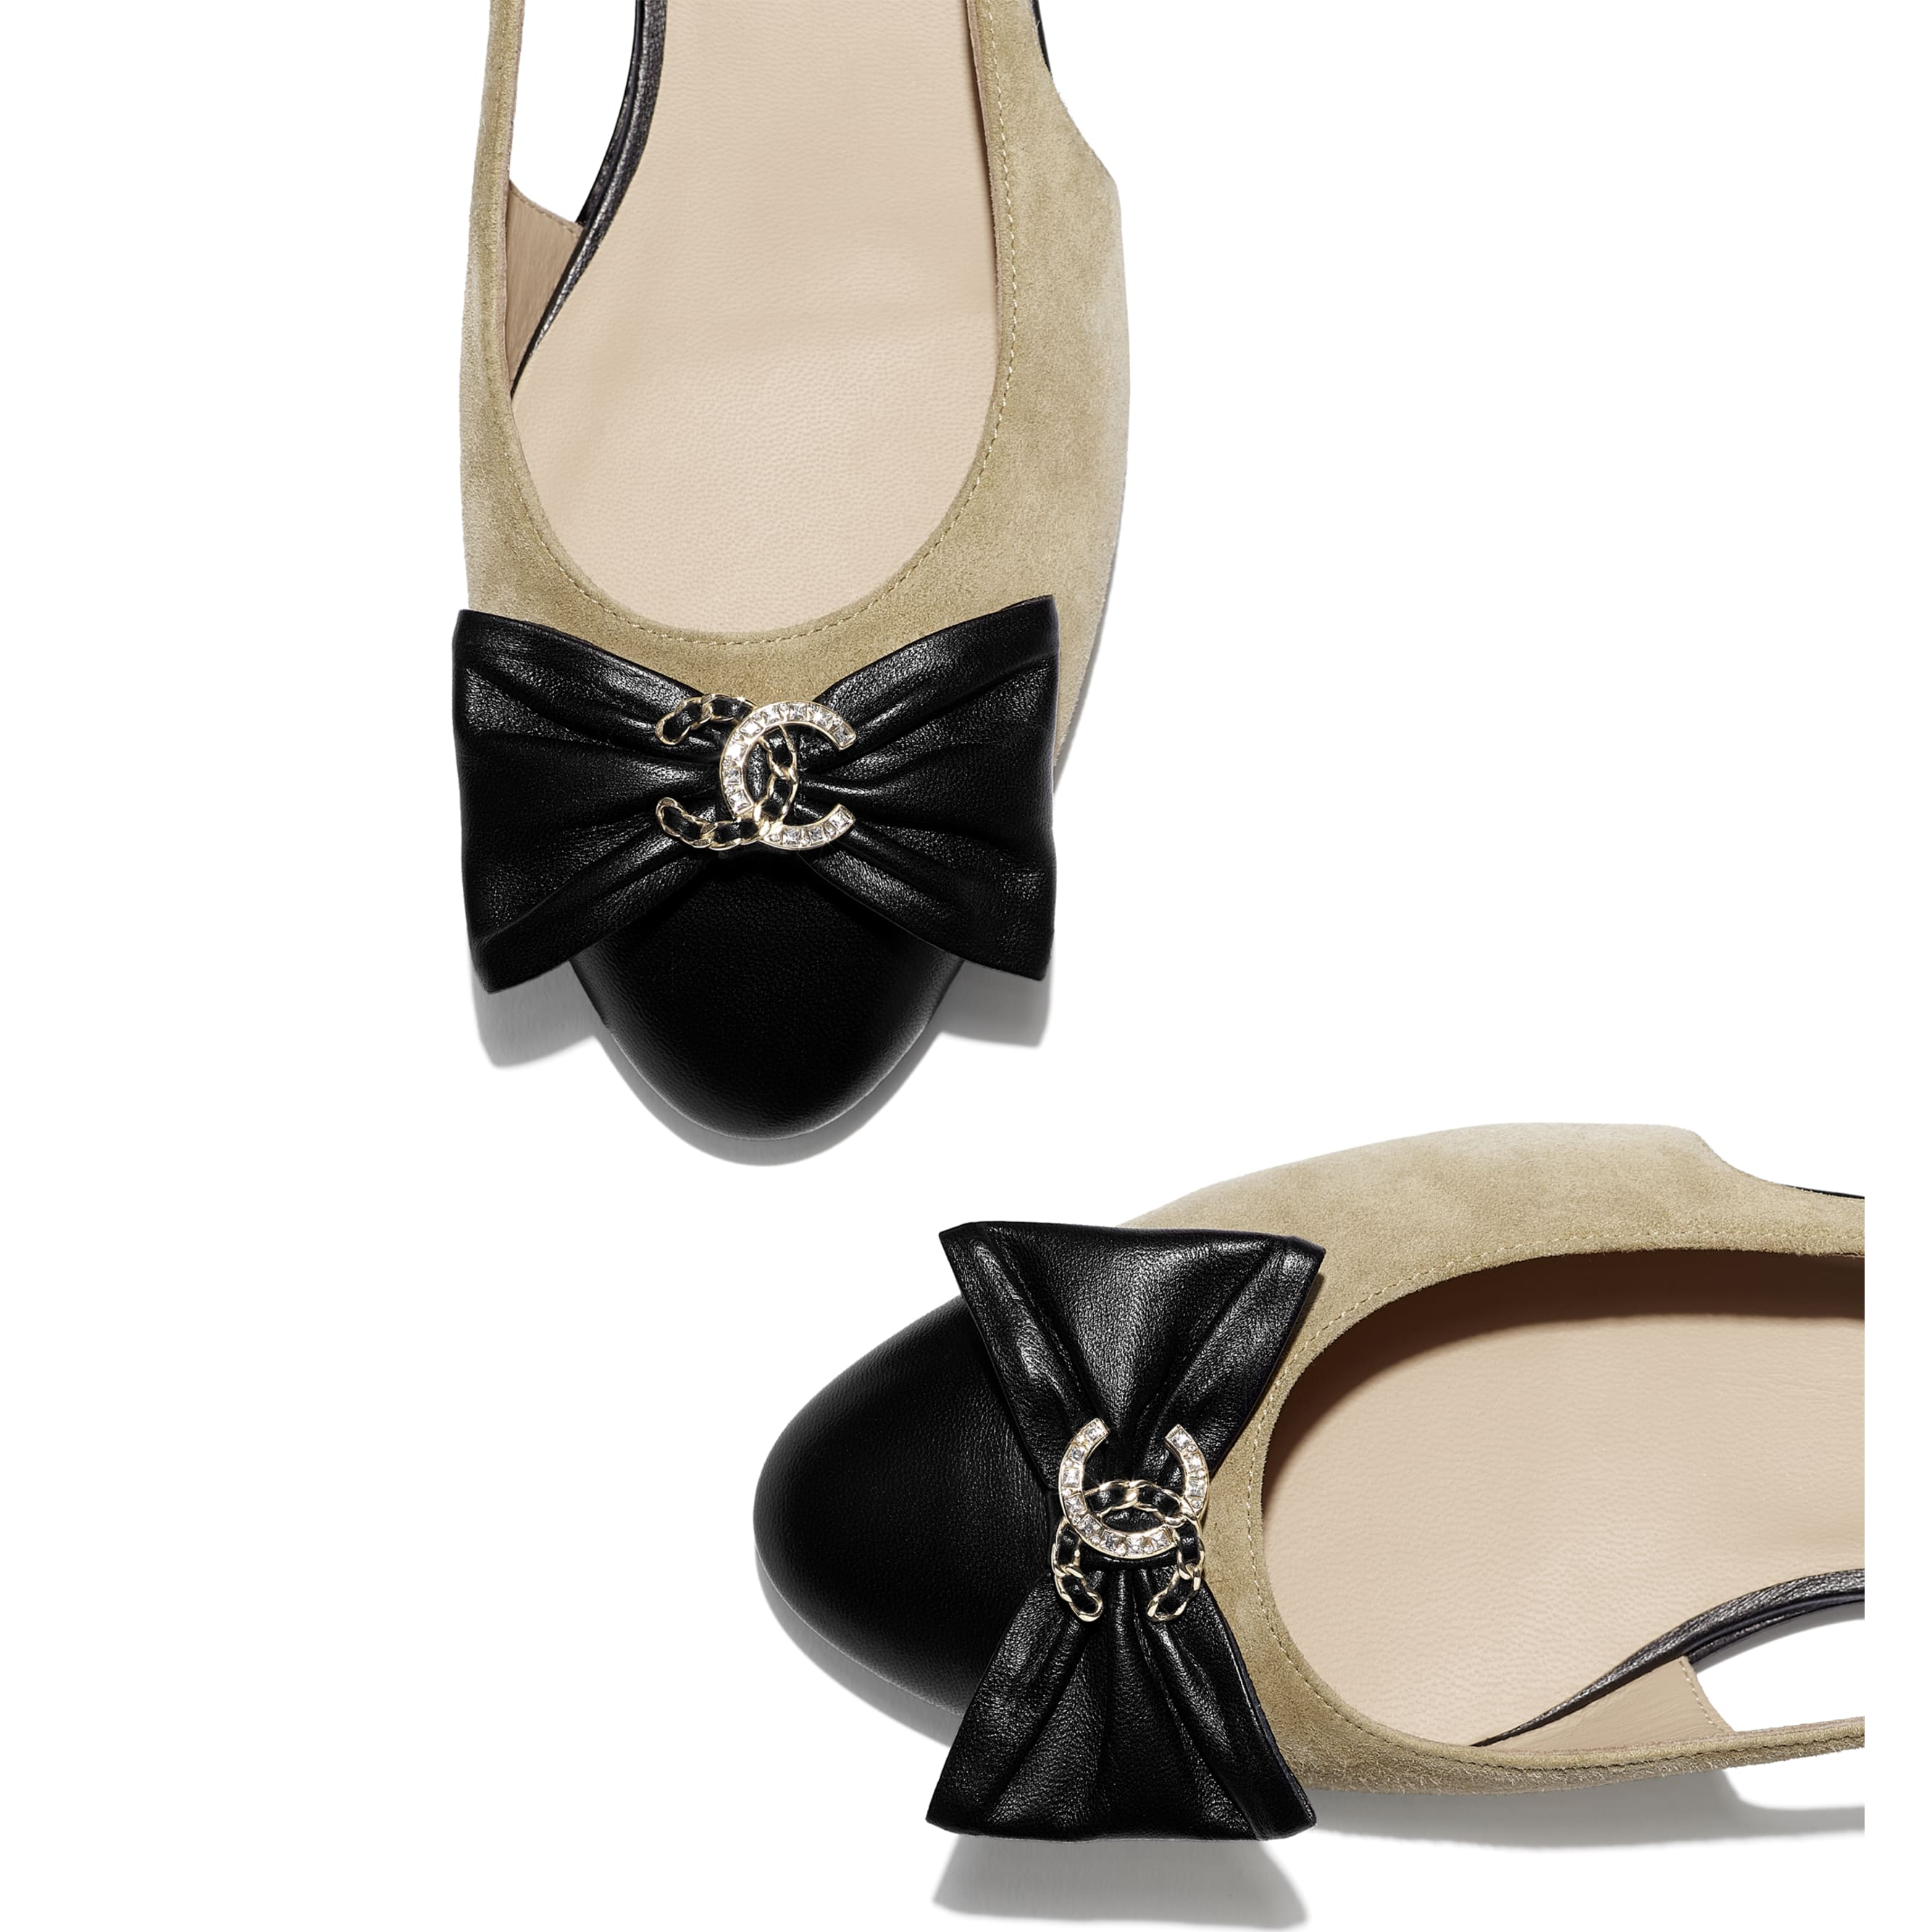 Bailarinas - Beige y negro - Piel de ternera suave y piel de cordero - CHANEL - Vista adicional - ver la versión tamaño estándar